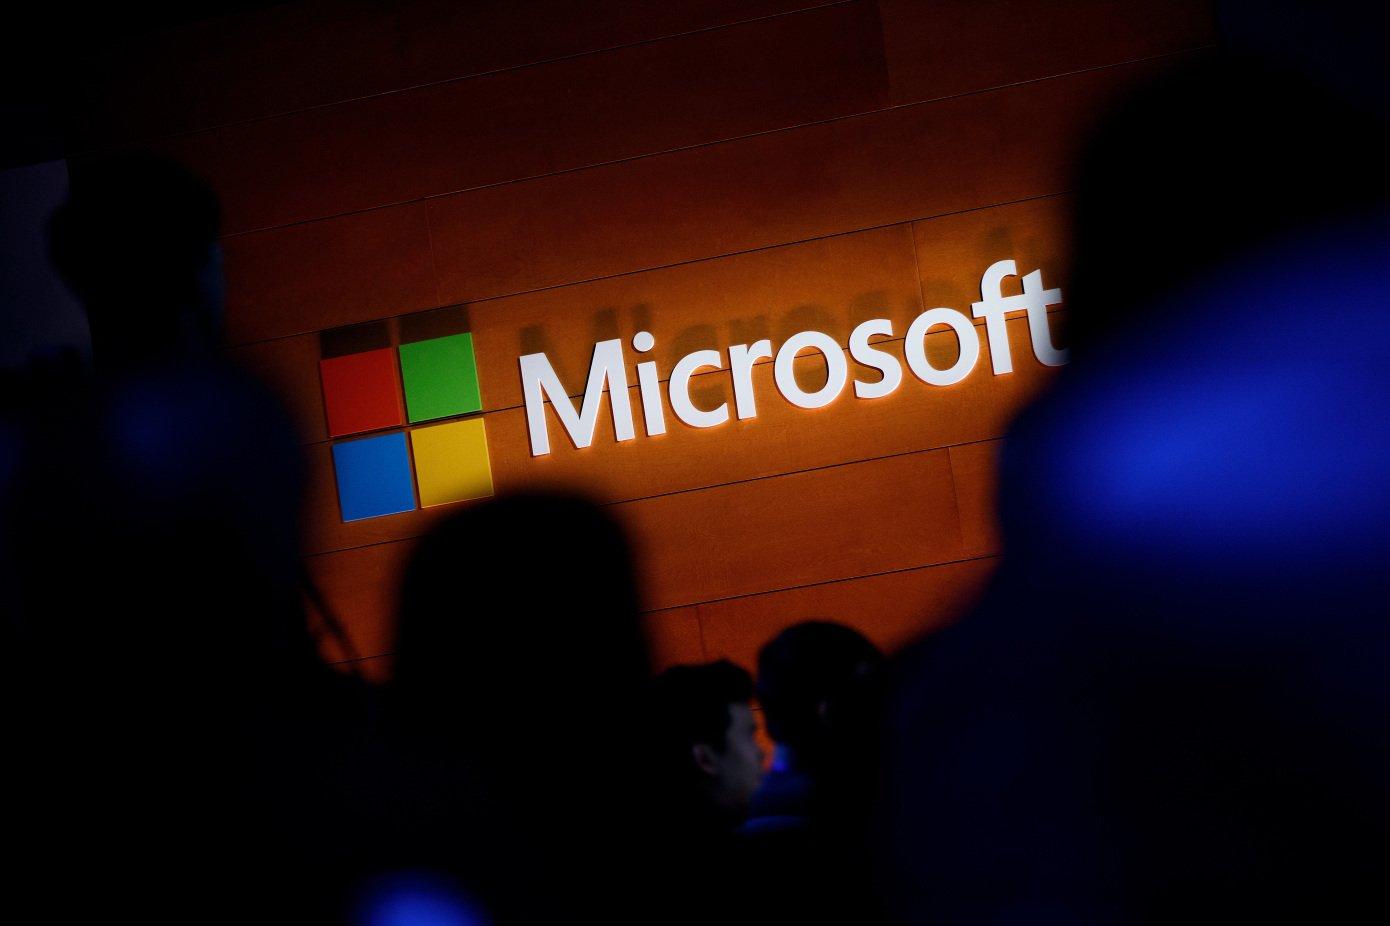 مایکروسافت: چینیها با حمله به سرورهای Exchange سعی در سرقت اطلاعات دارند